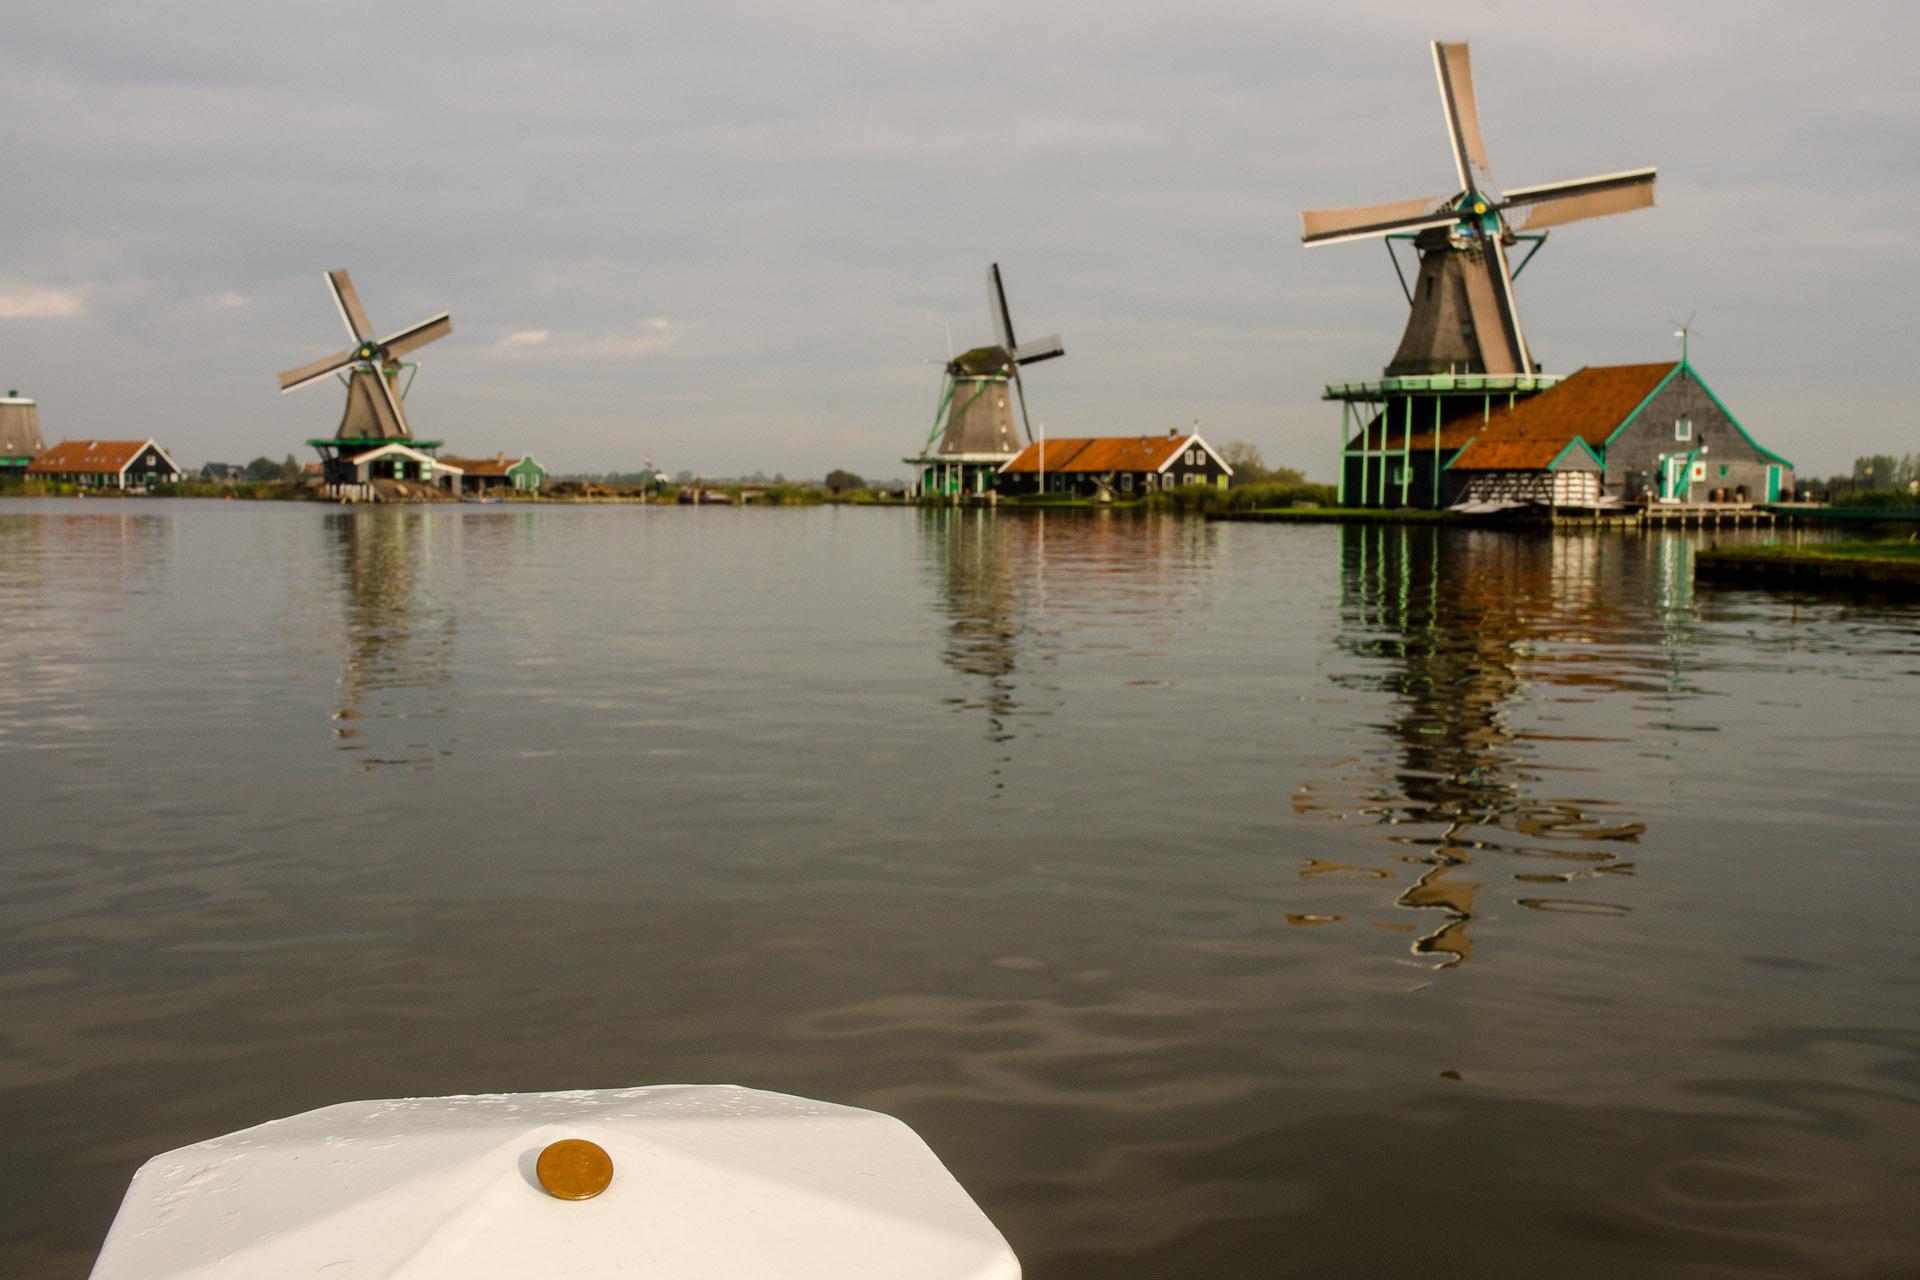 Zaan River (Zaandijk)